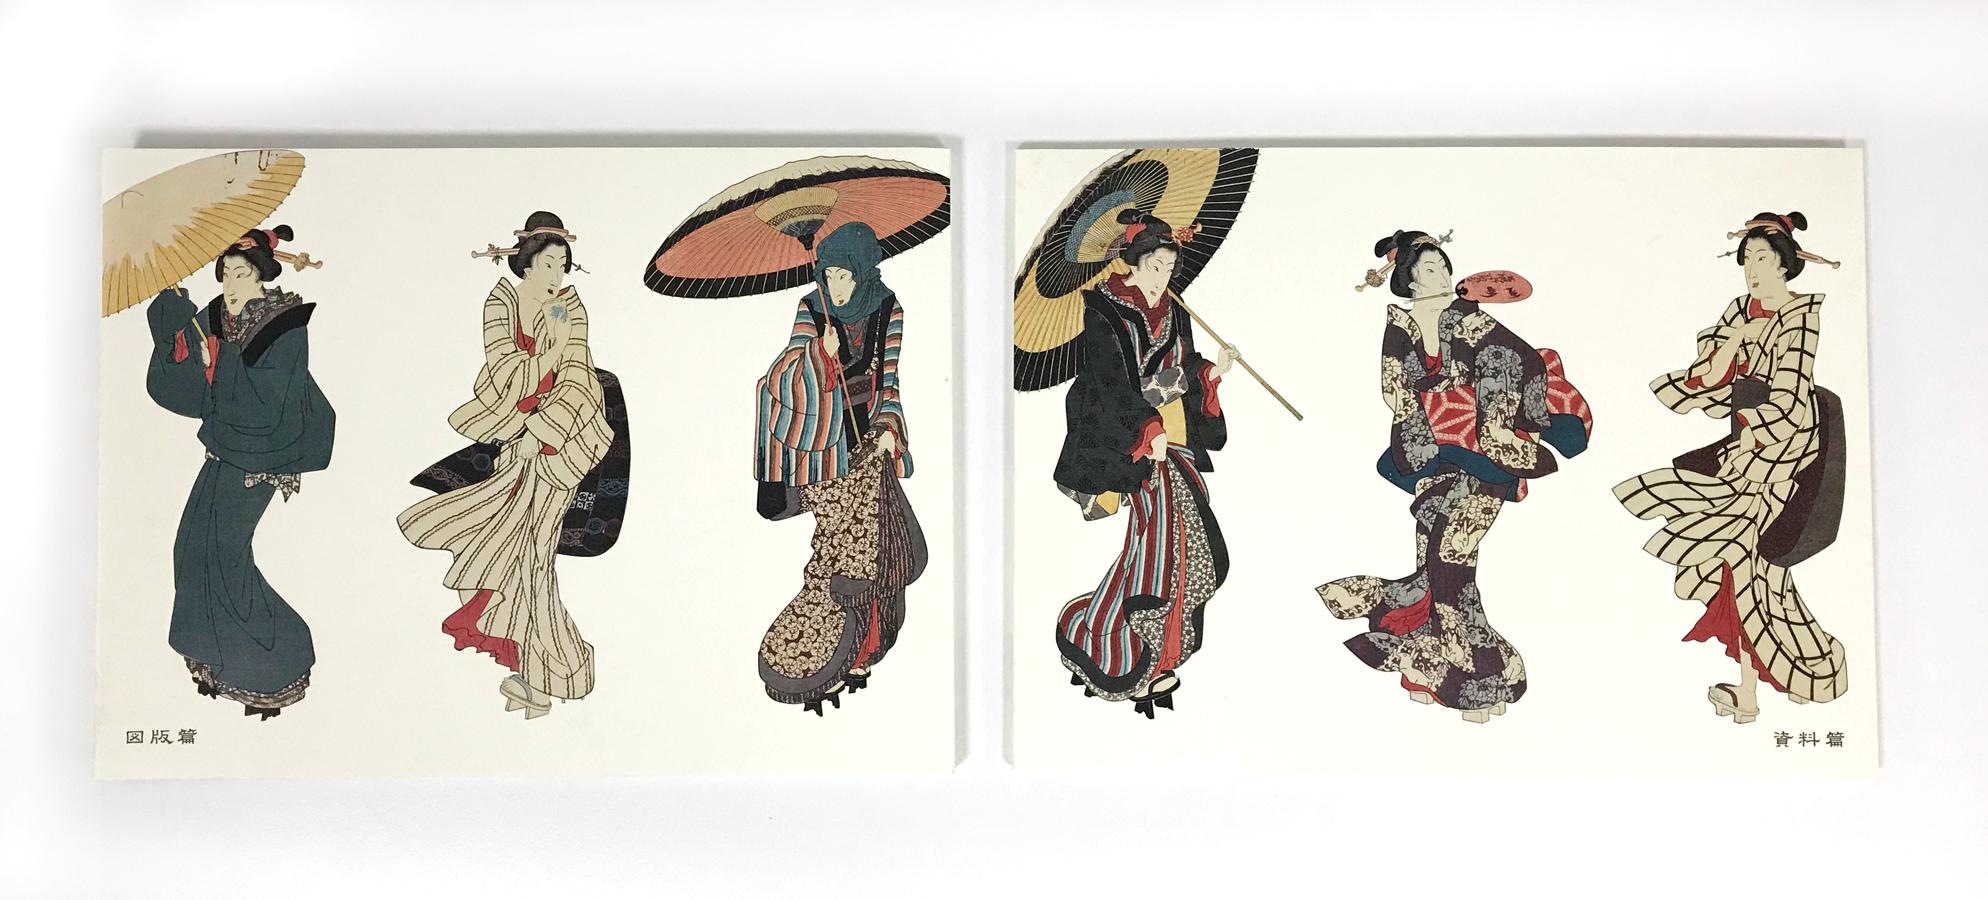 新庄二郎が愛した浮世絵(4)